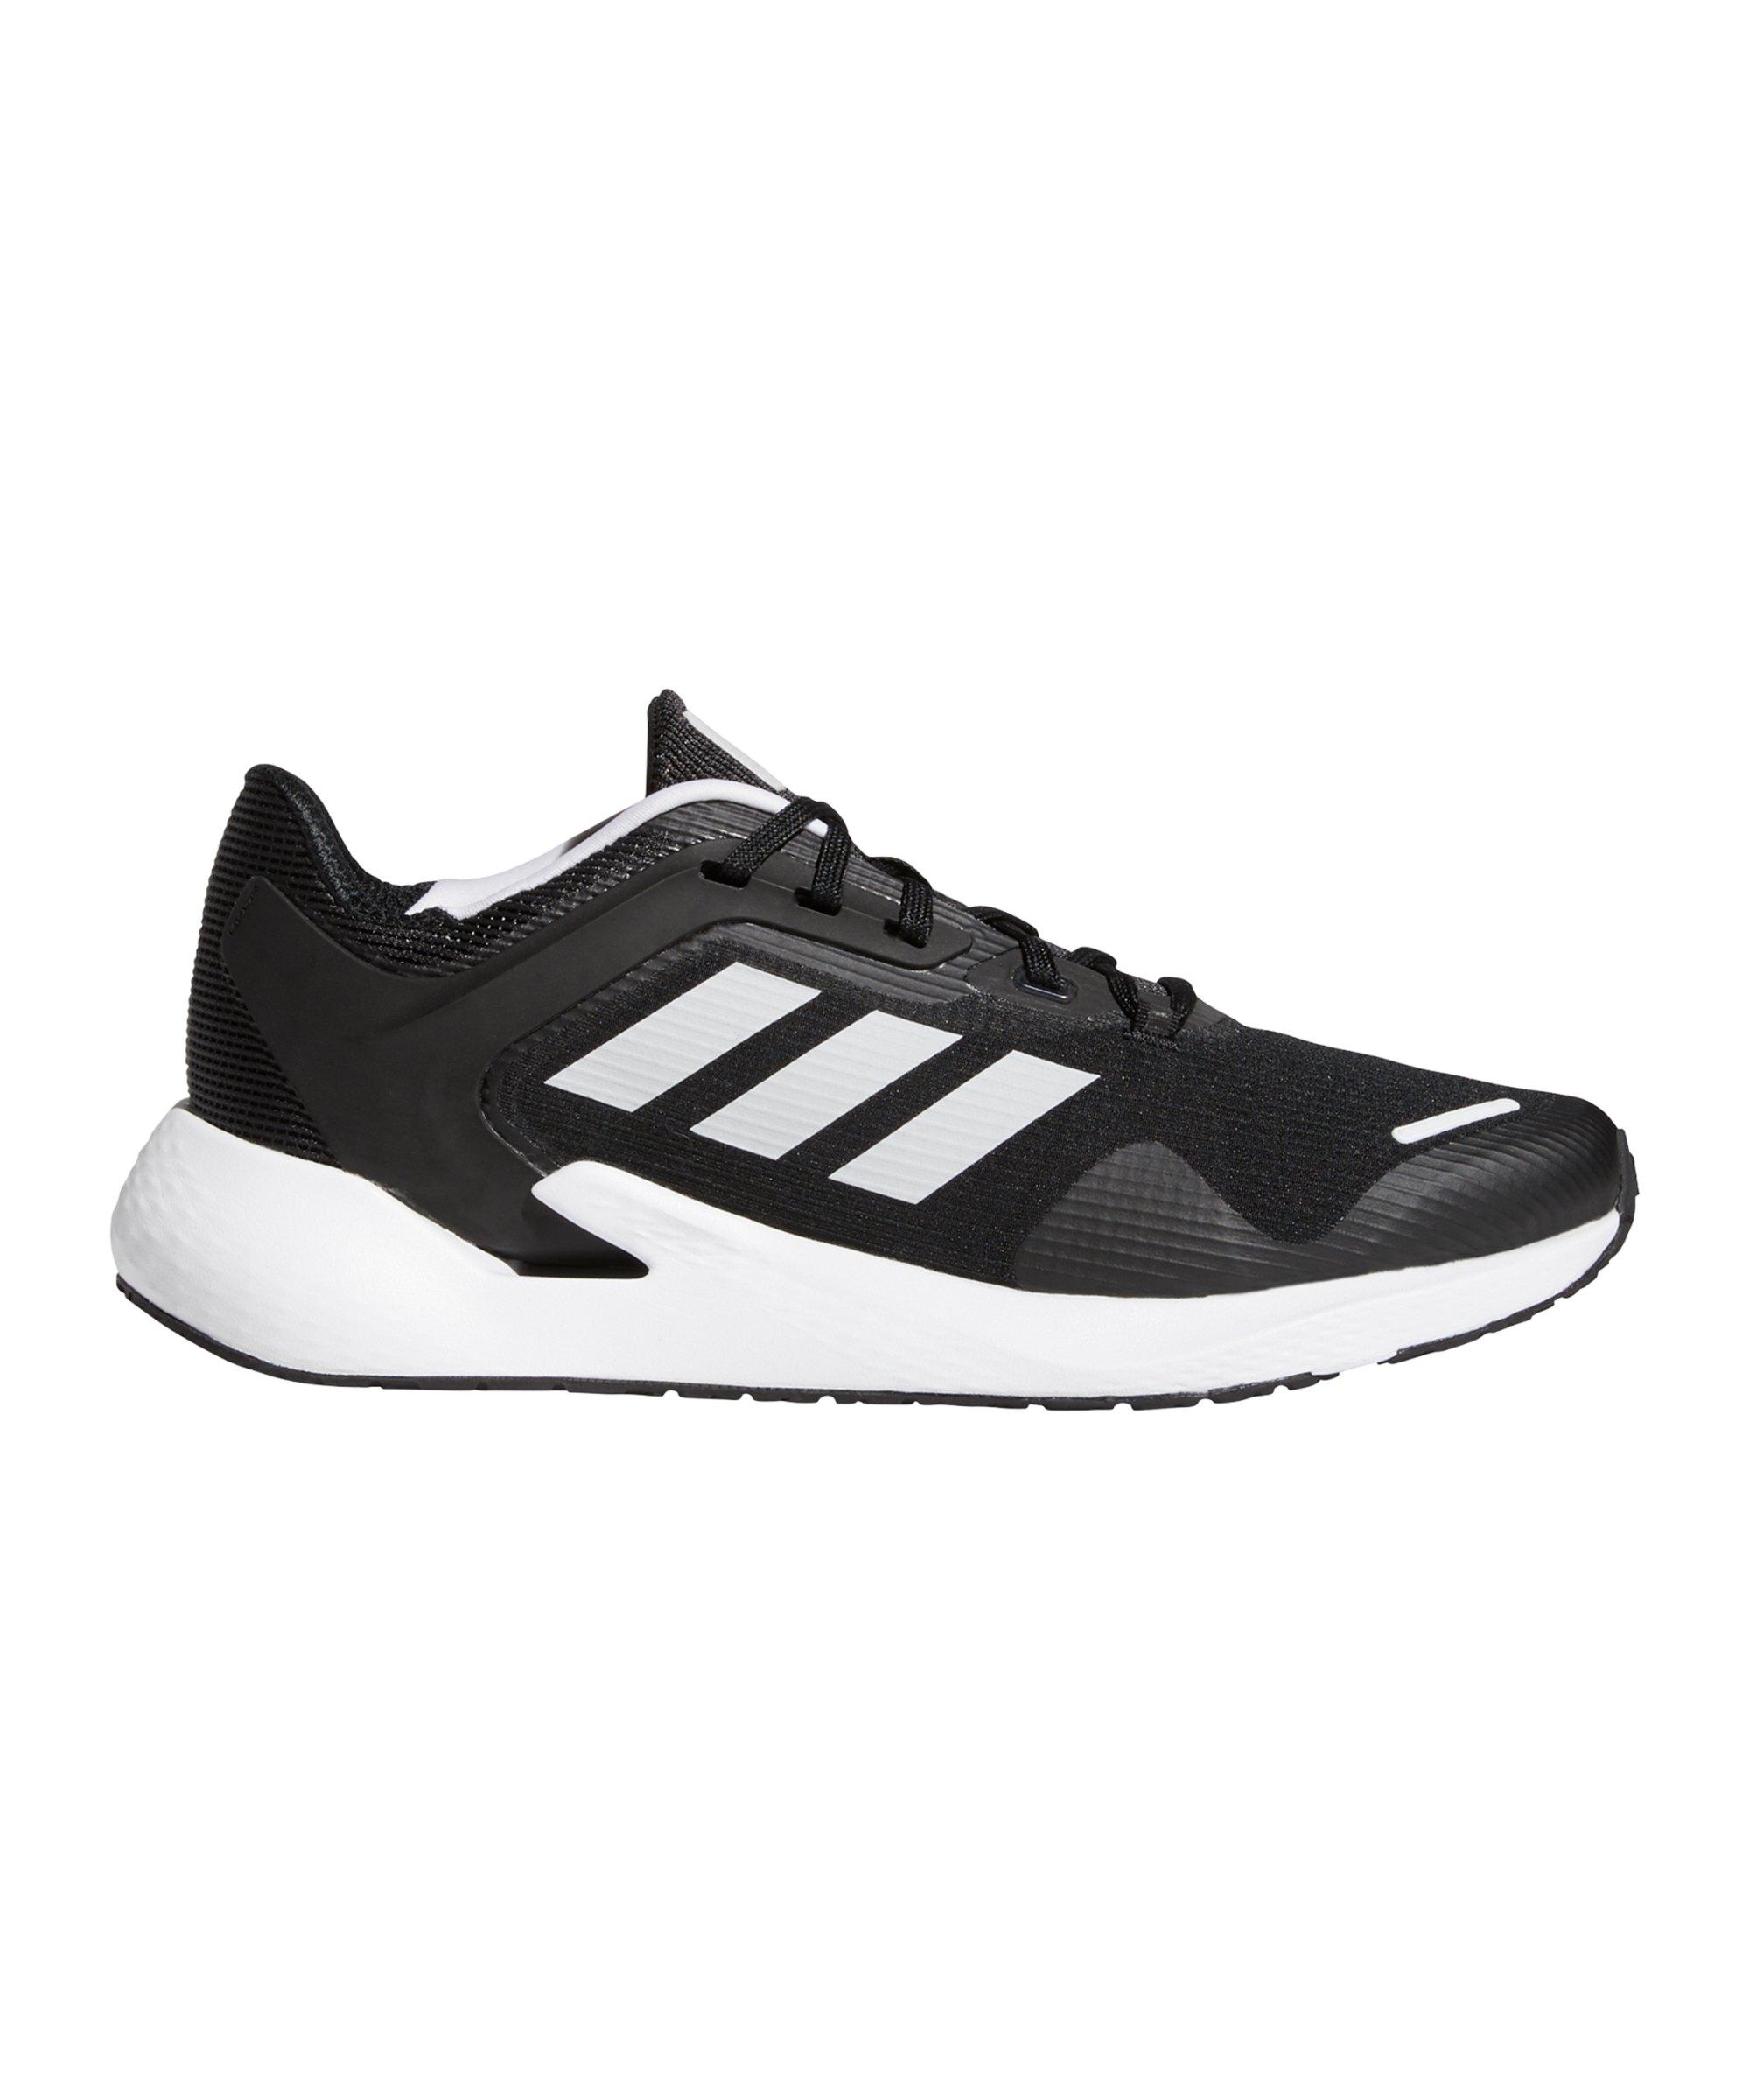 adidas Alphatorsion Running Schwarz - schwarz